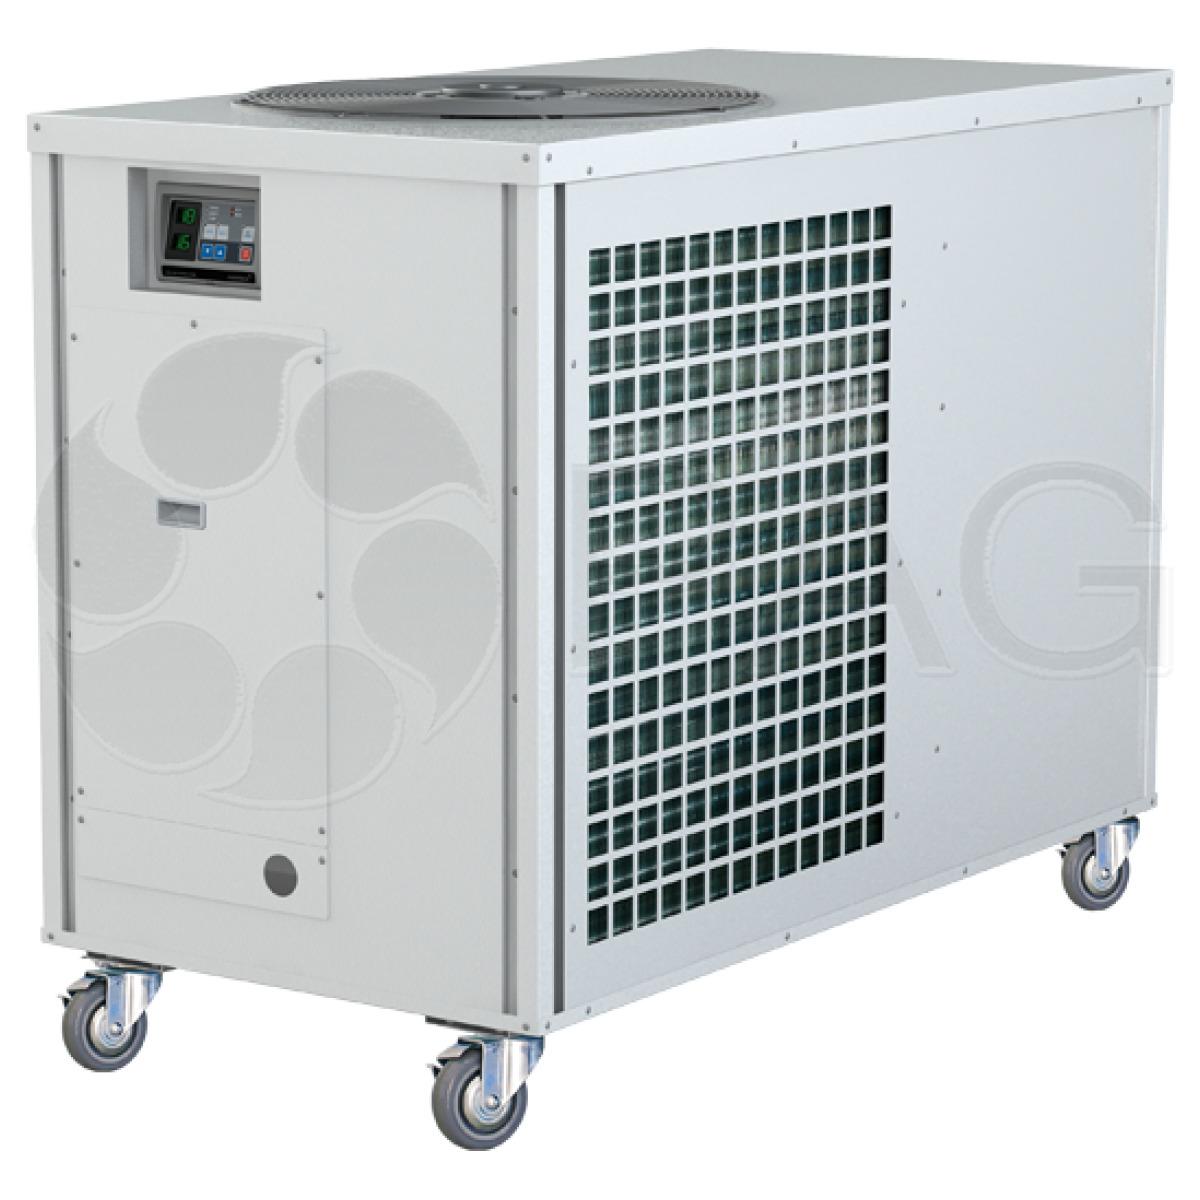 Airrex ahsc-42-52 portable Heat Pump